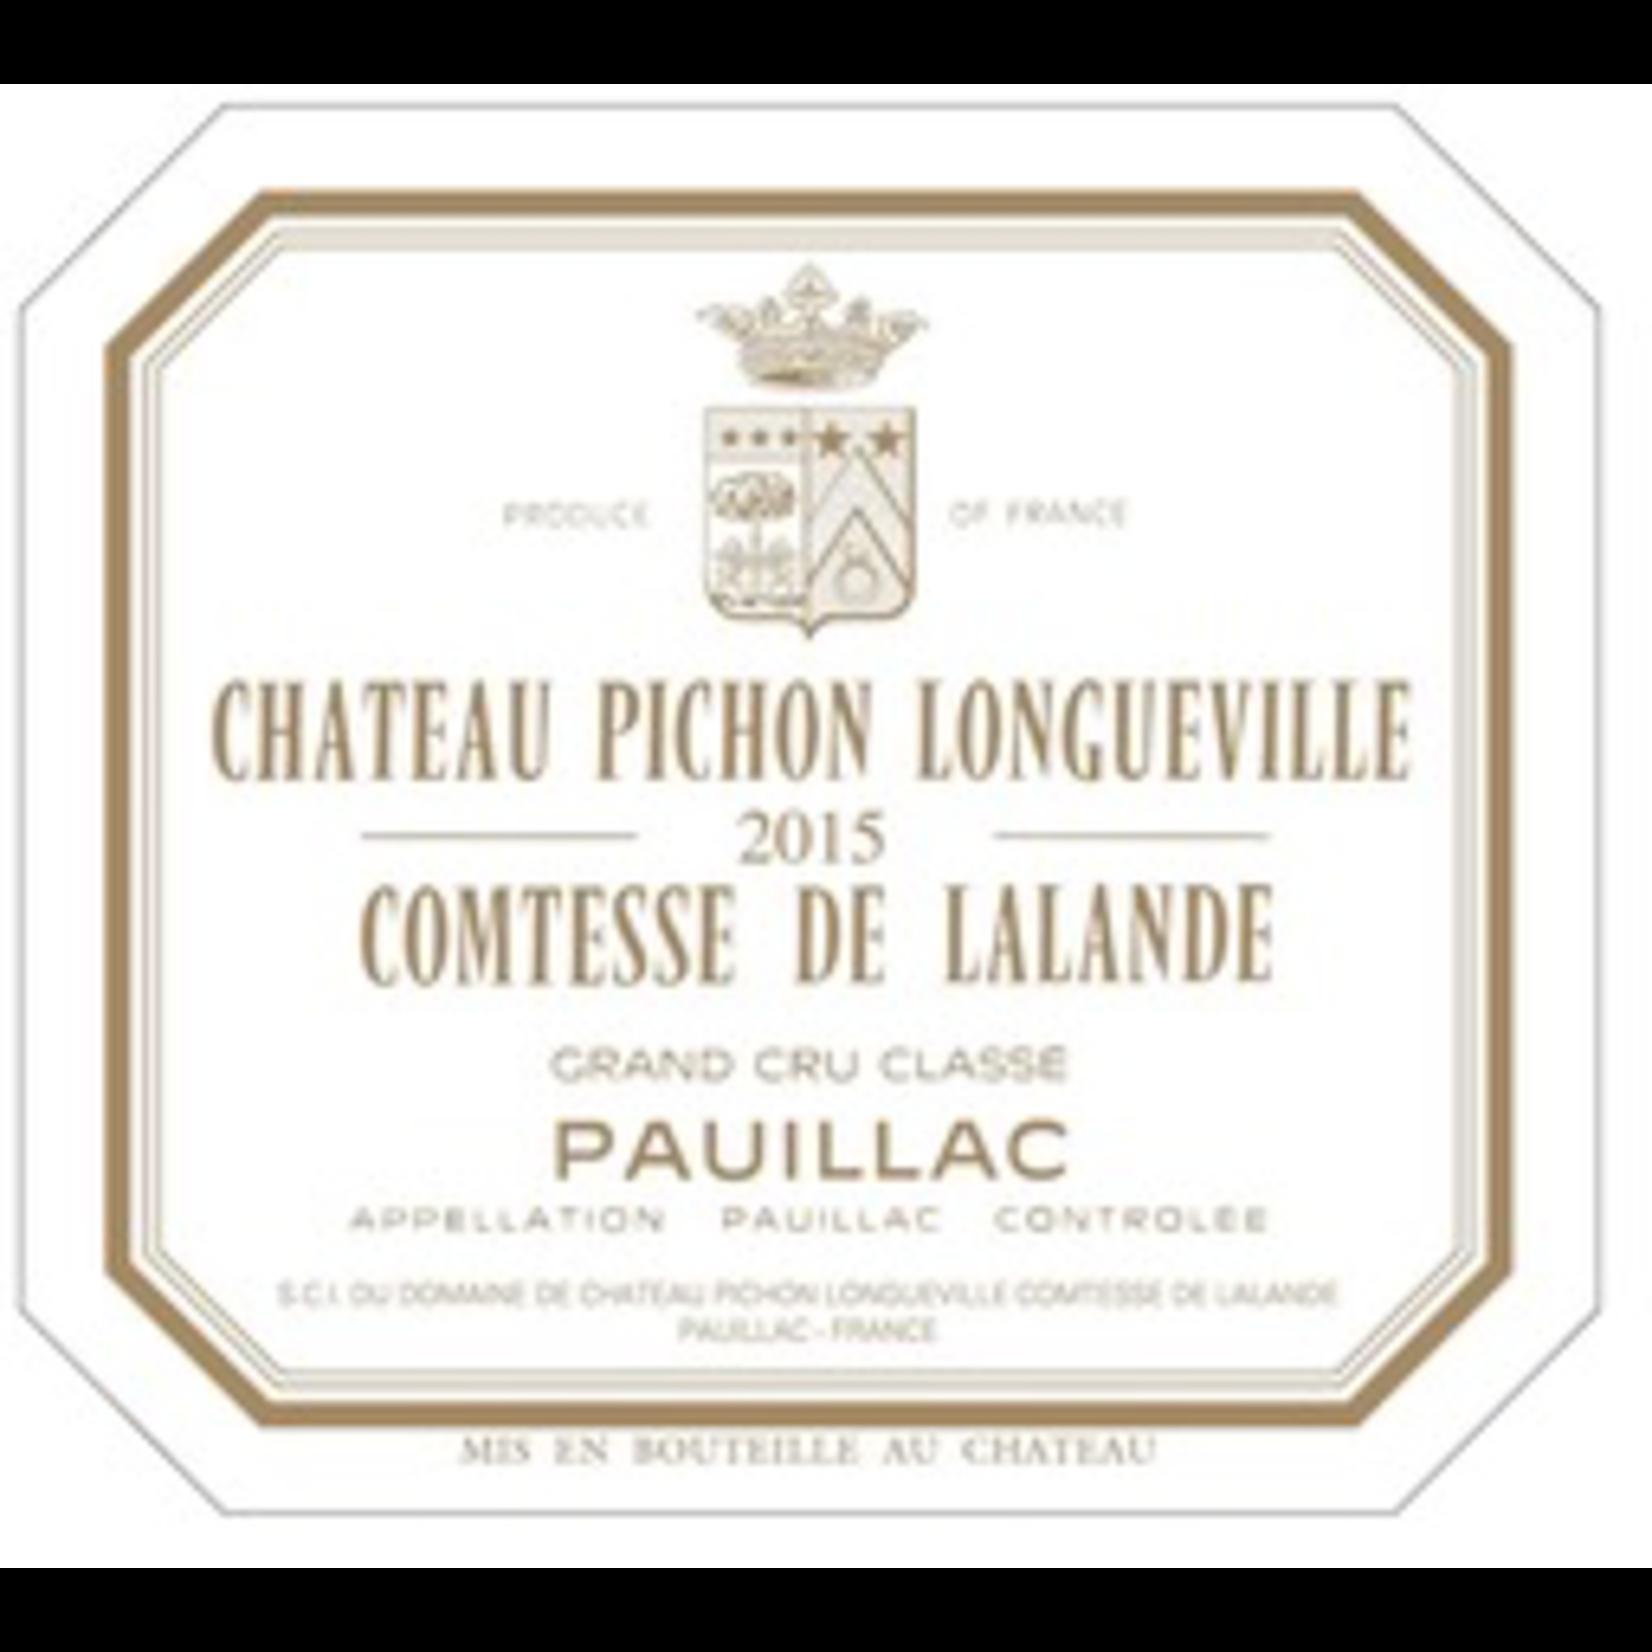 Wine Chateau Pichon Longueville Comtesse de Lalande 2009